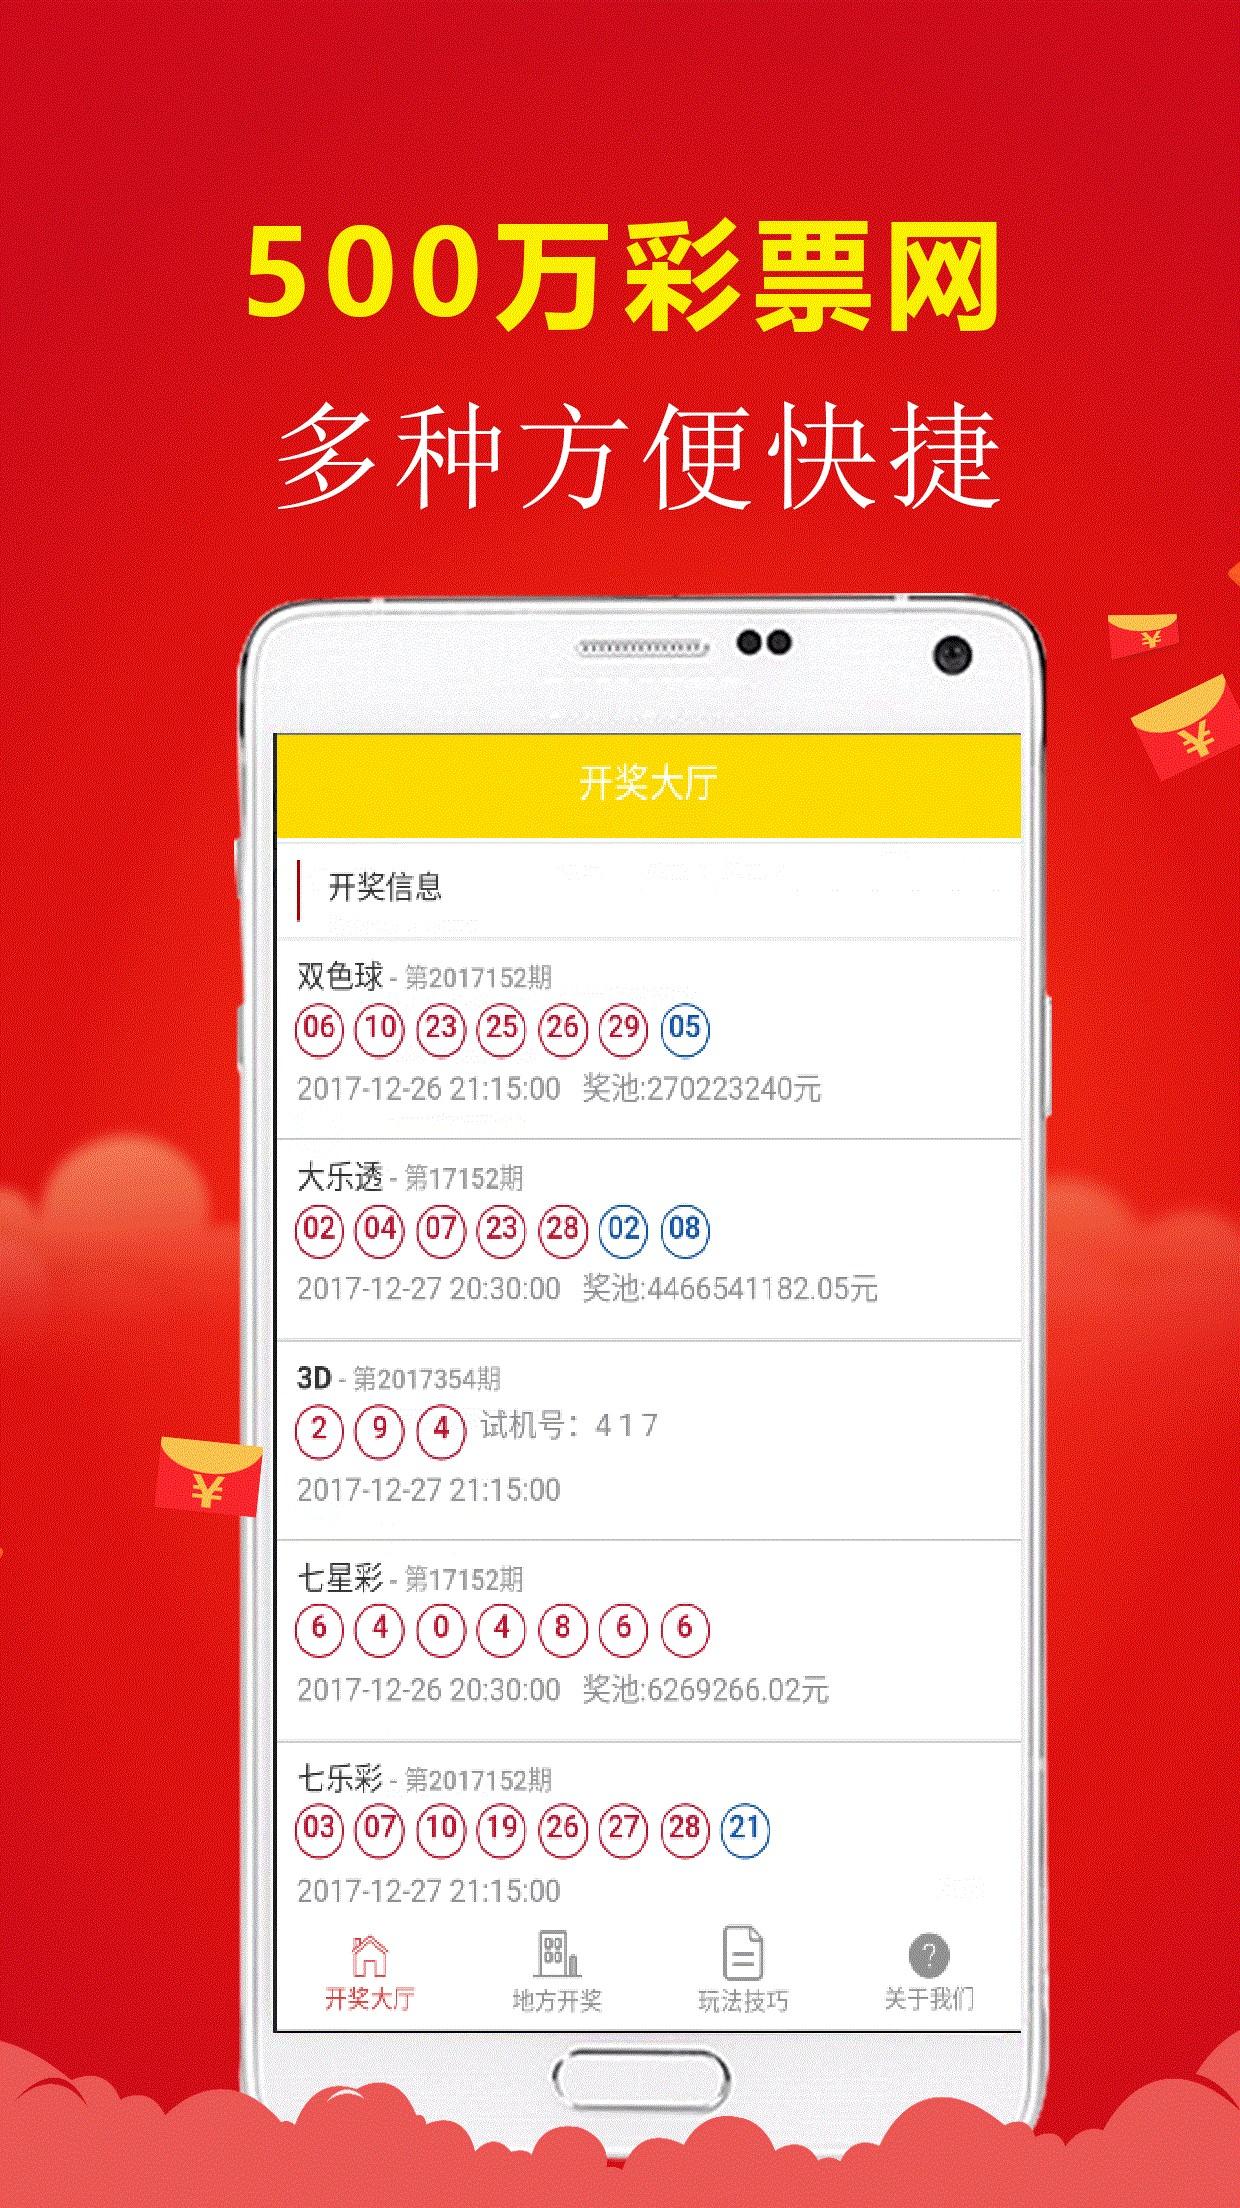 500万彩票app下载